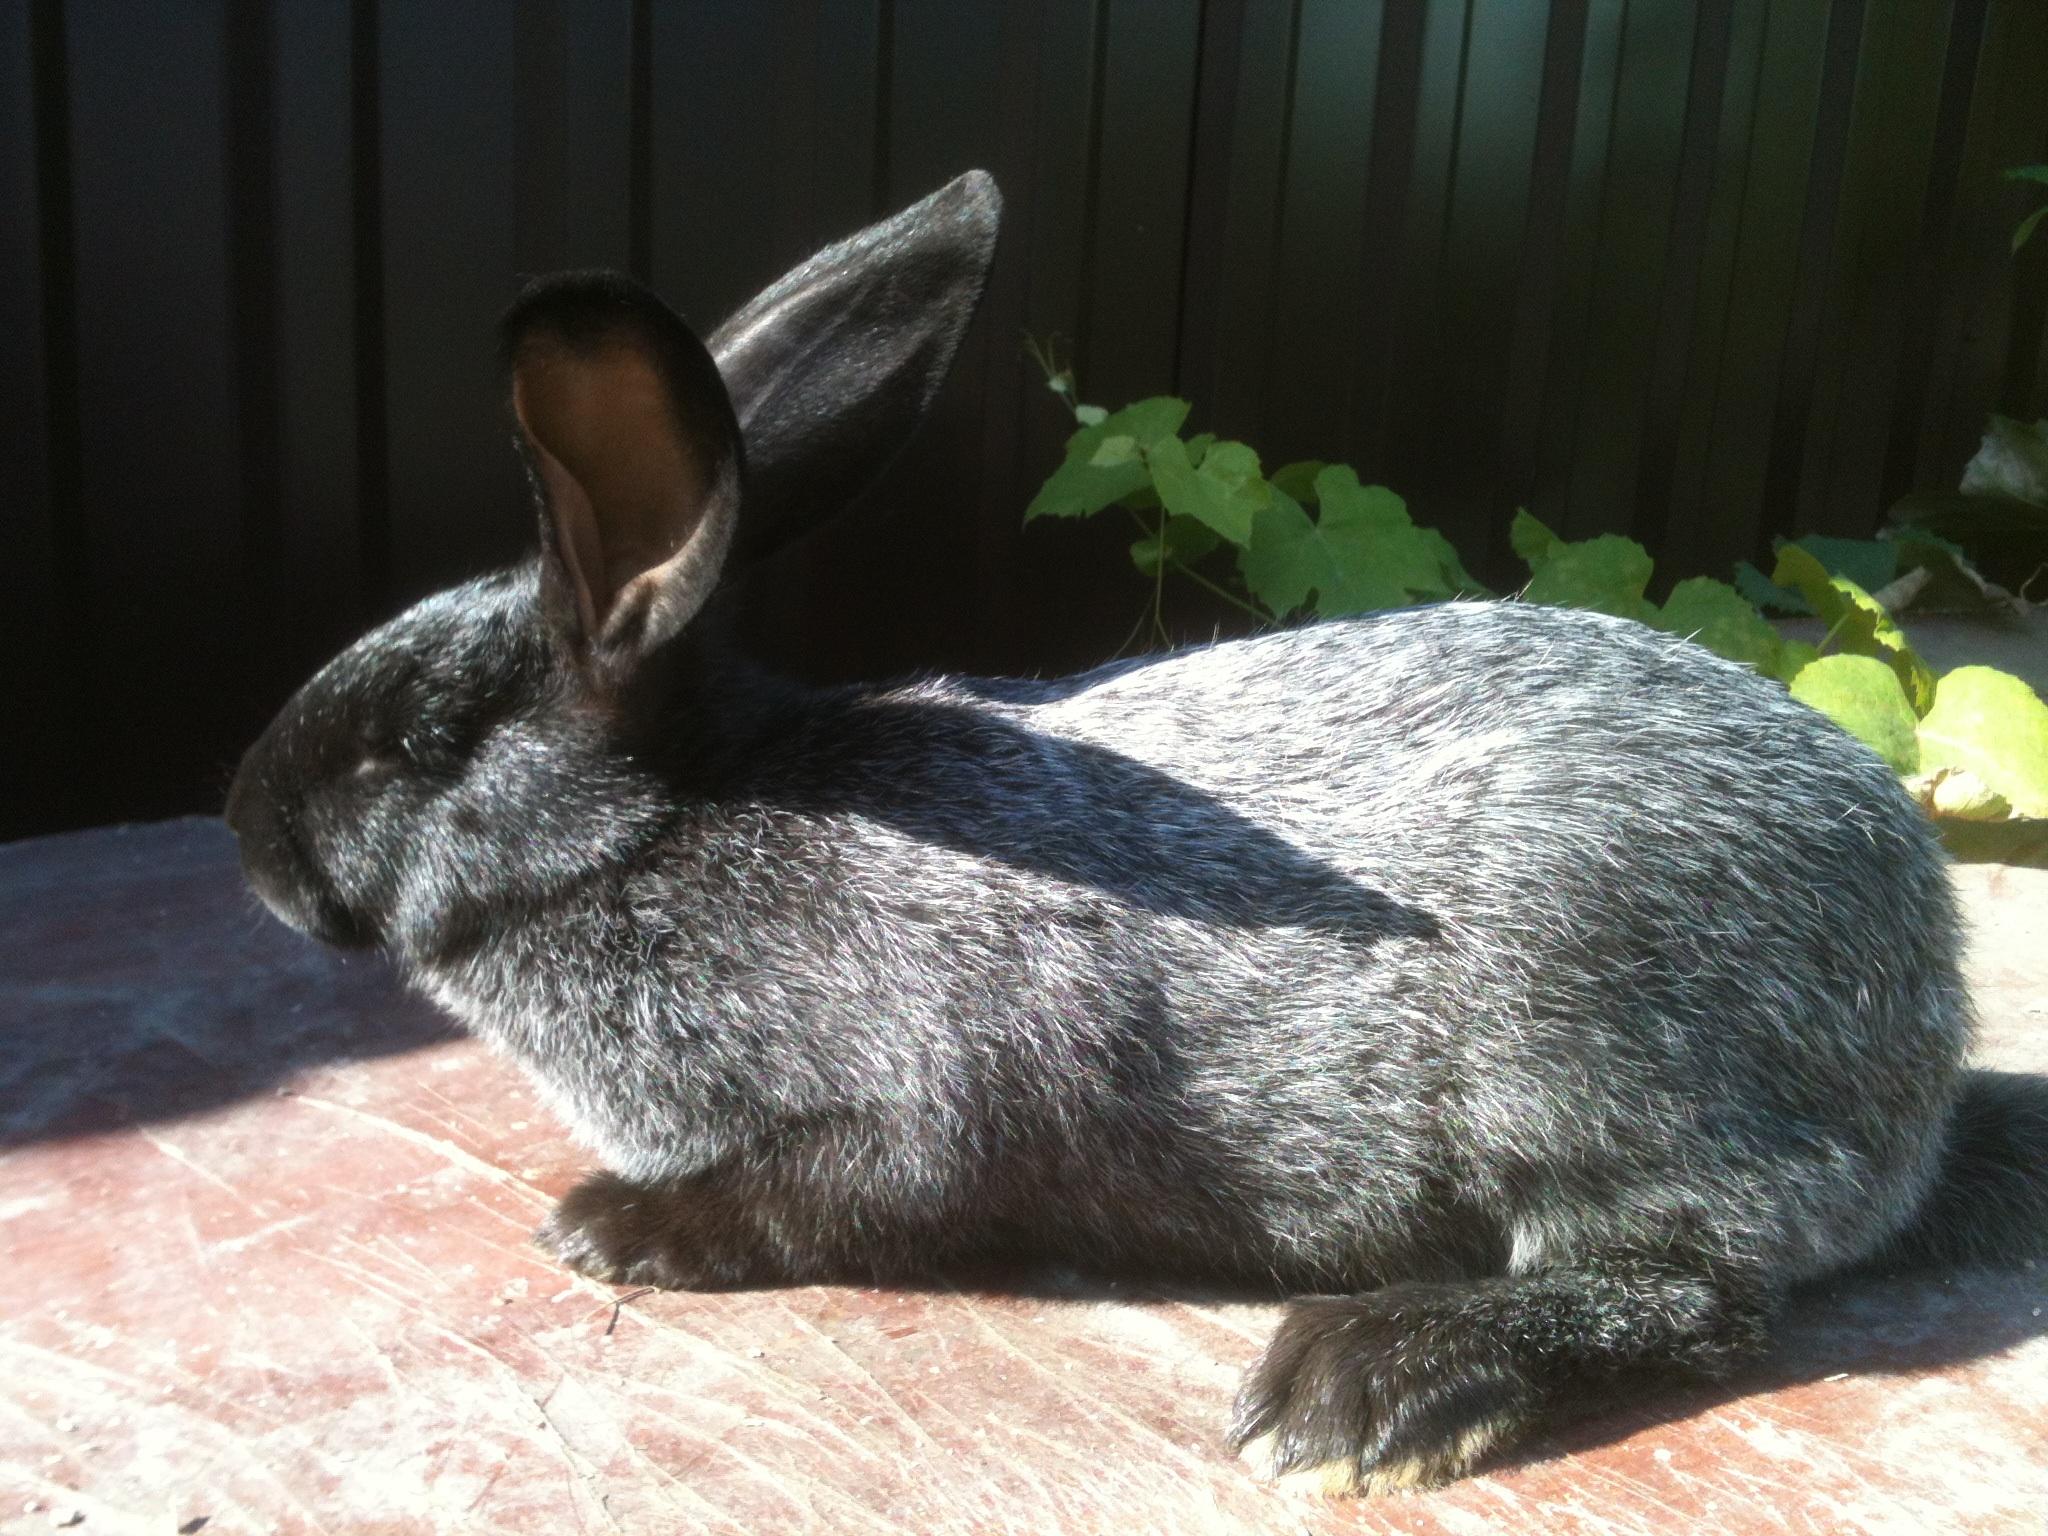 кто-то фото пепельная шиншилла кролик это получается